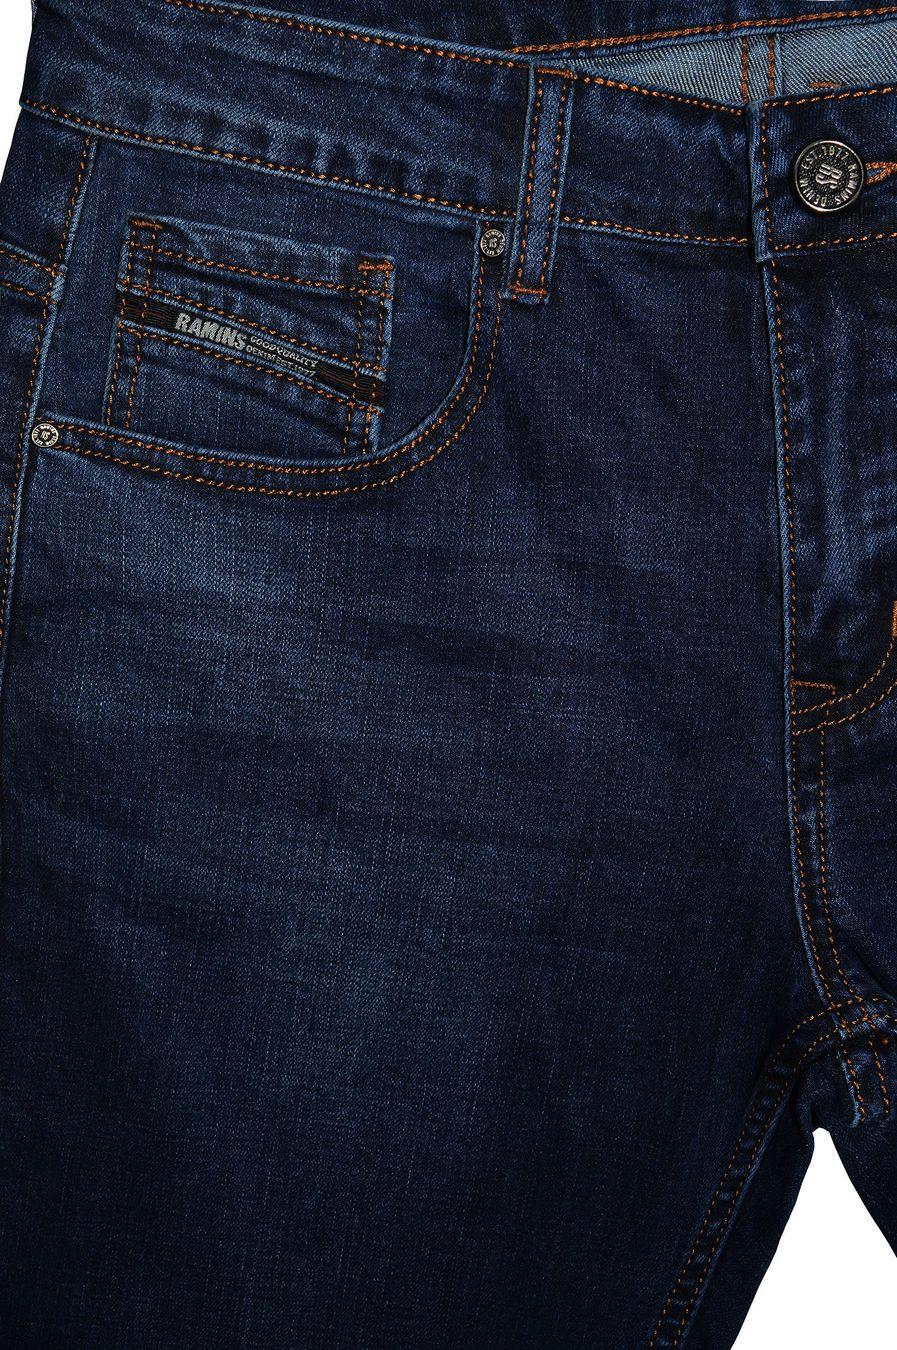 Джинсы мужские Ramins RS3-1256  L36 - фото 3